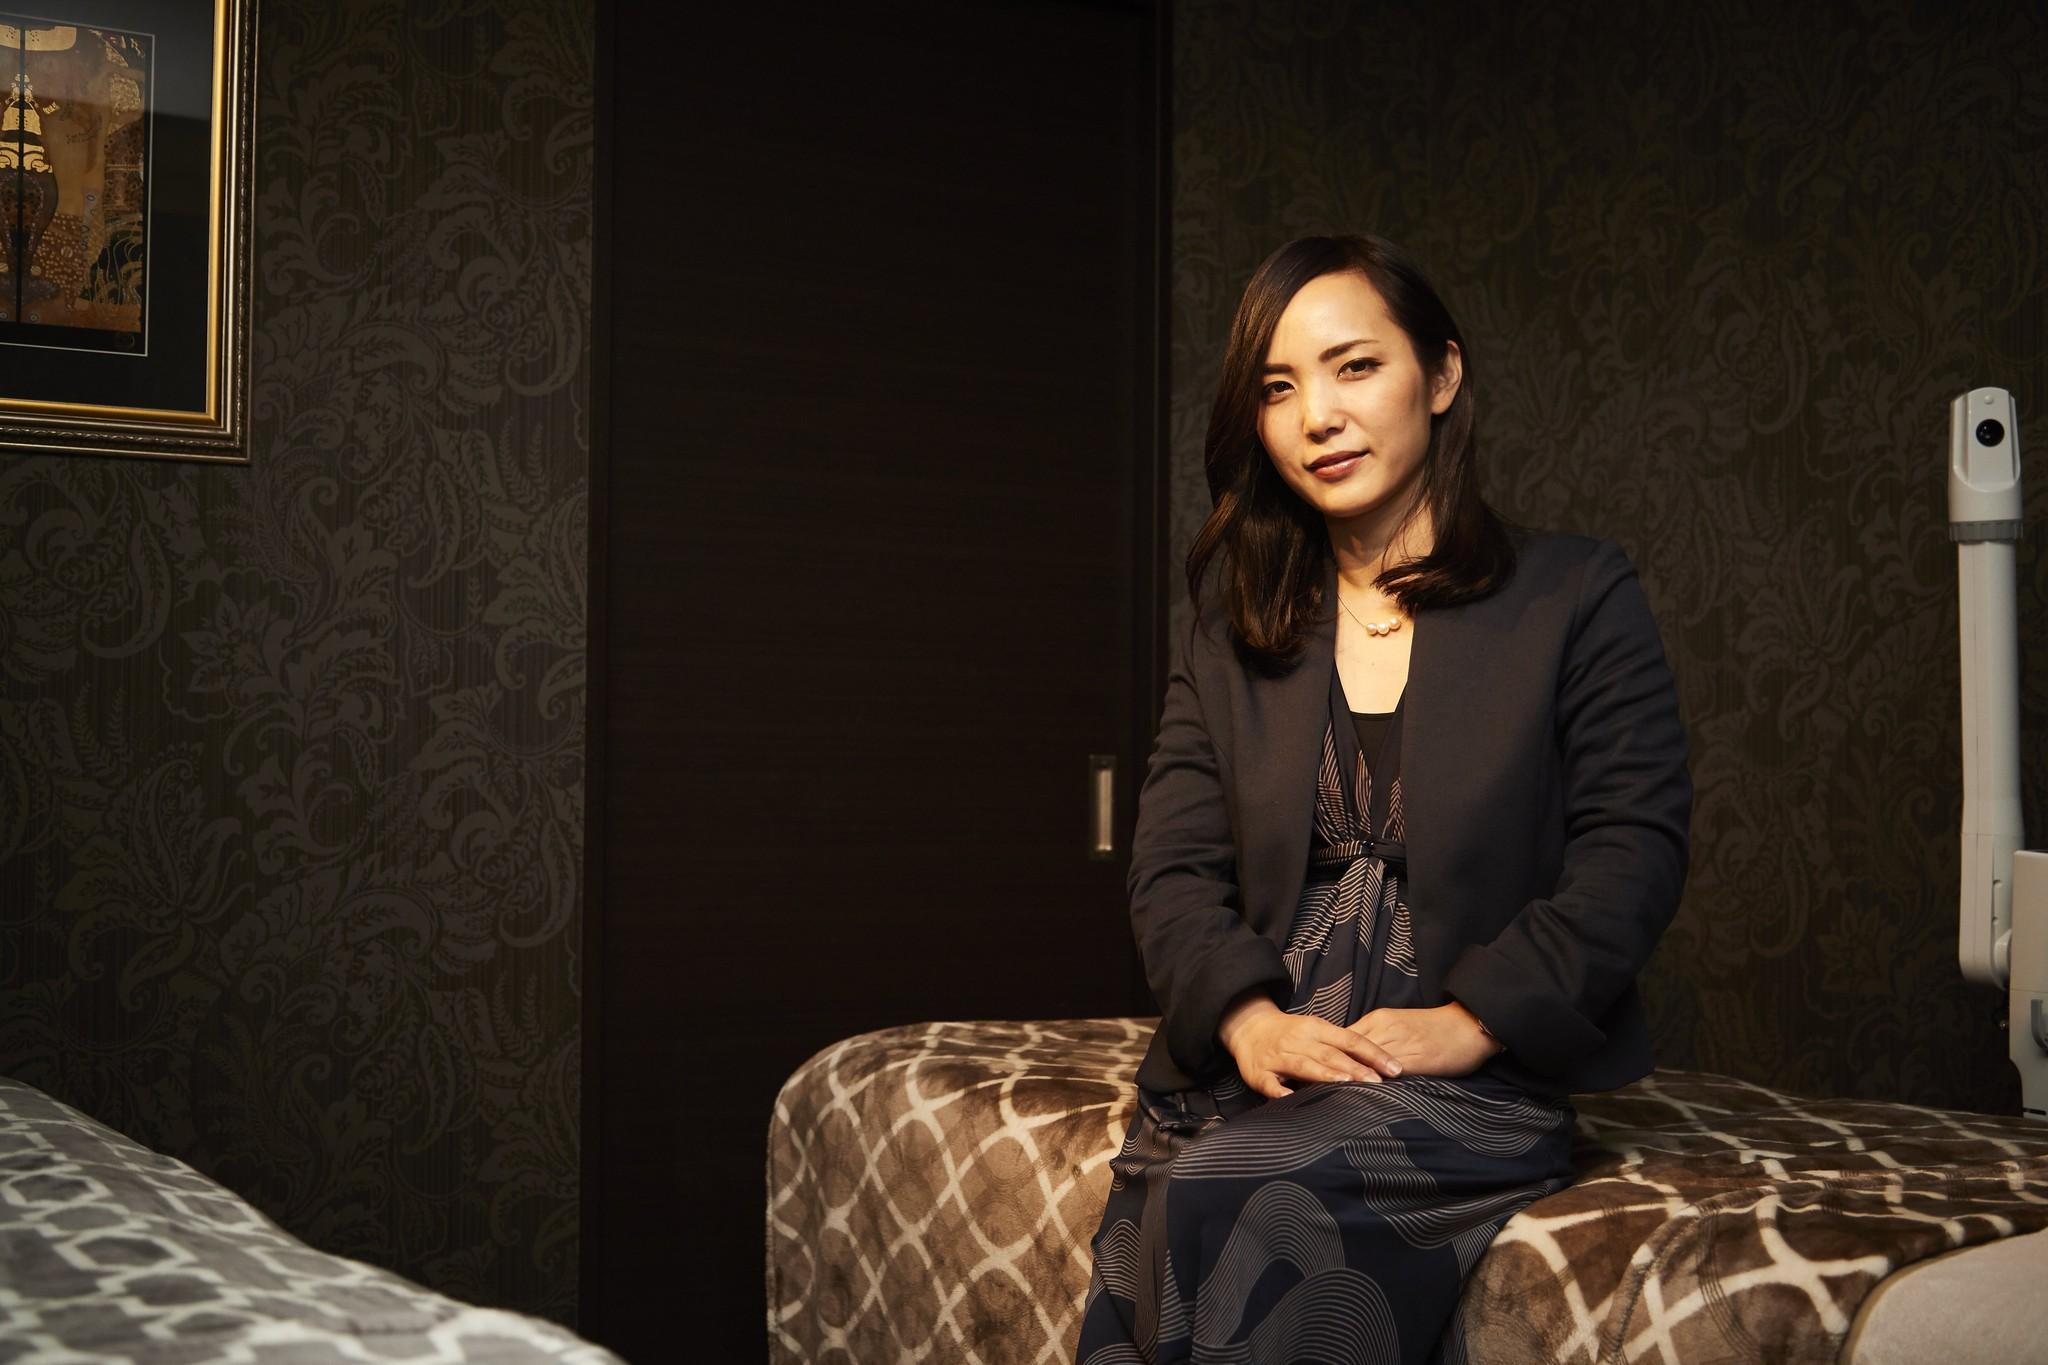 美容業界メディア『moreリジョブ』さまにインタビュー記事が掲載されました(2019年12月)